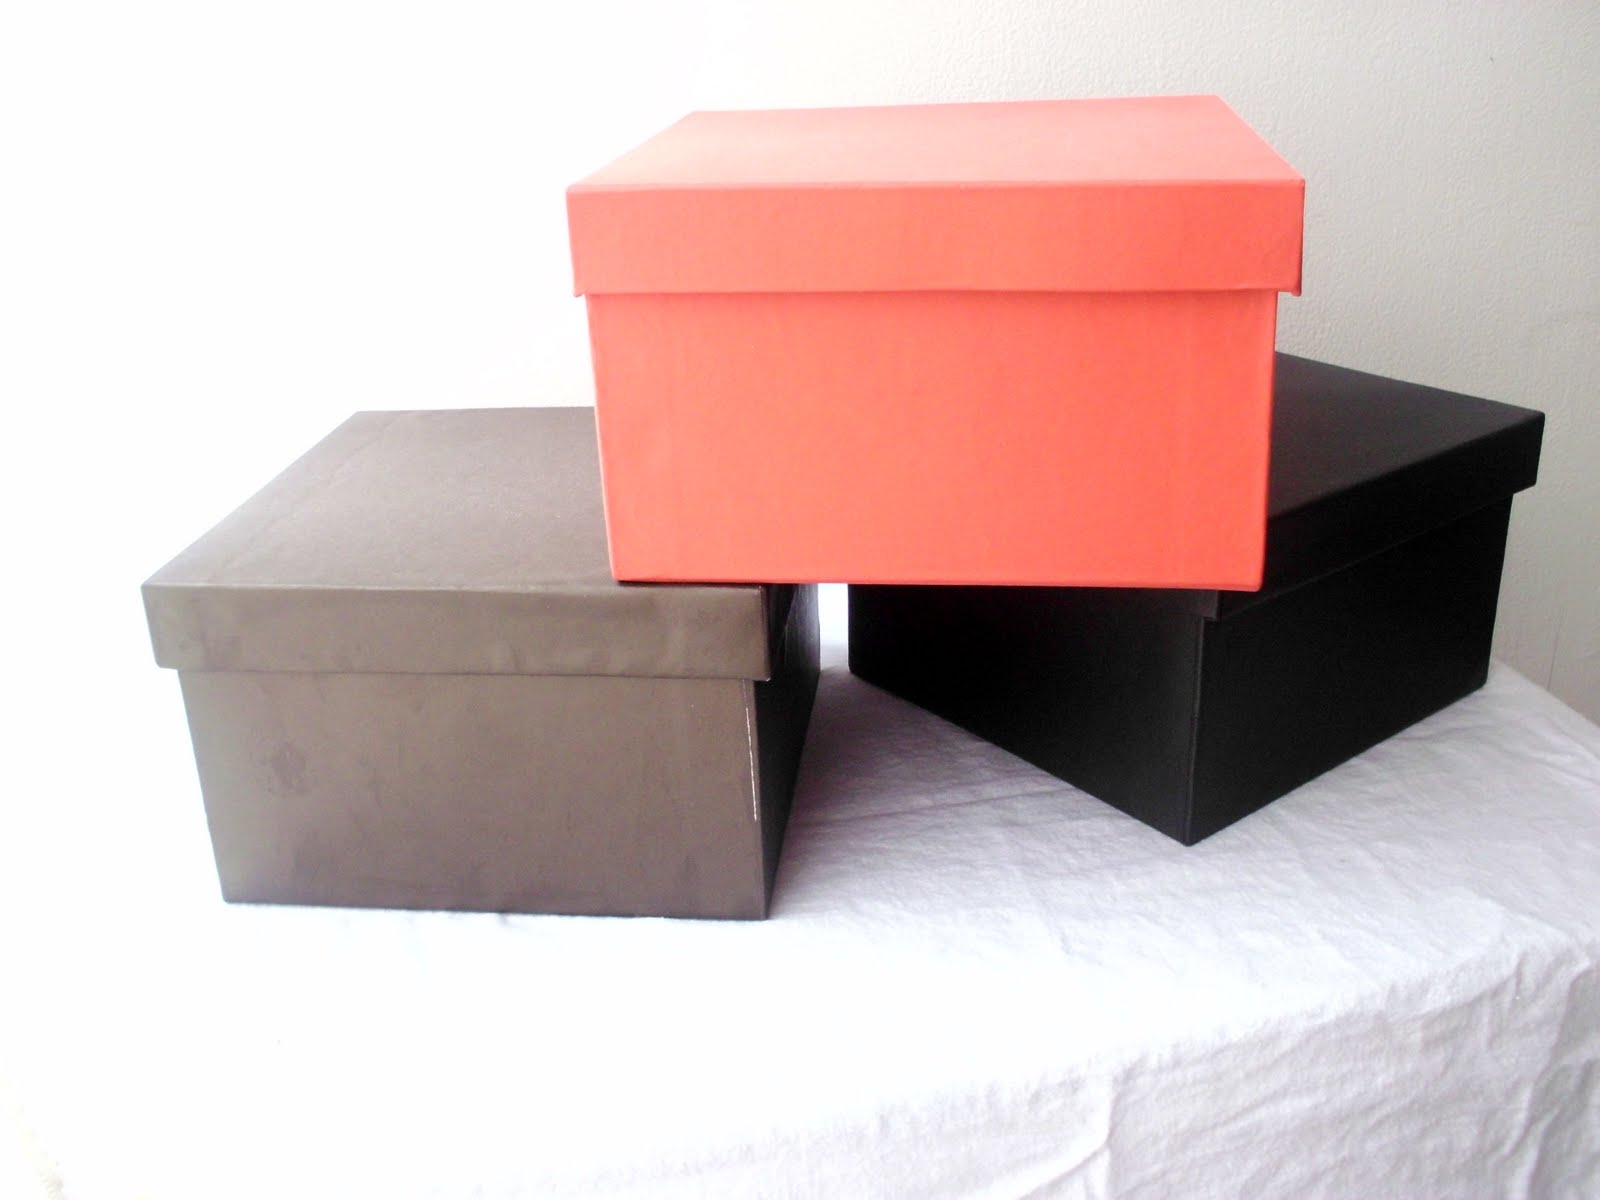 Cudet cajas decorativas cajas para regalos - Cajas de almacenaje decorativas ...